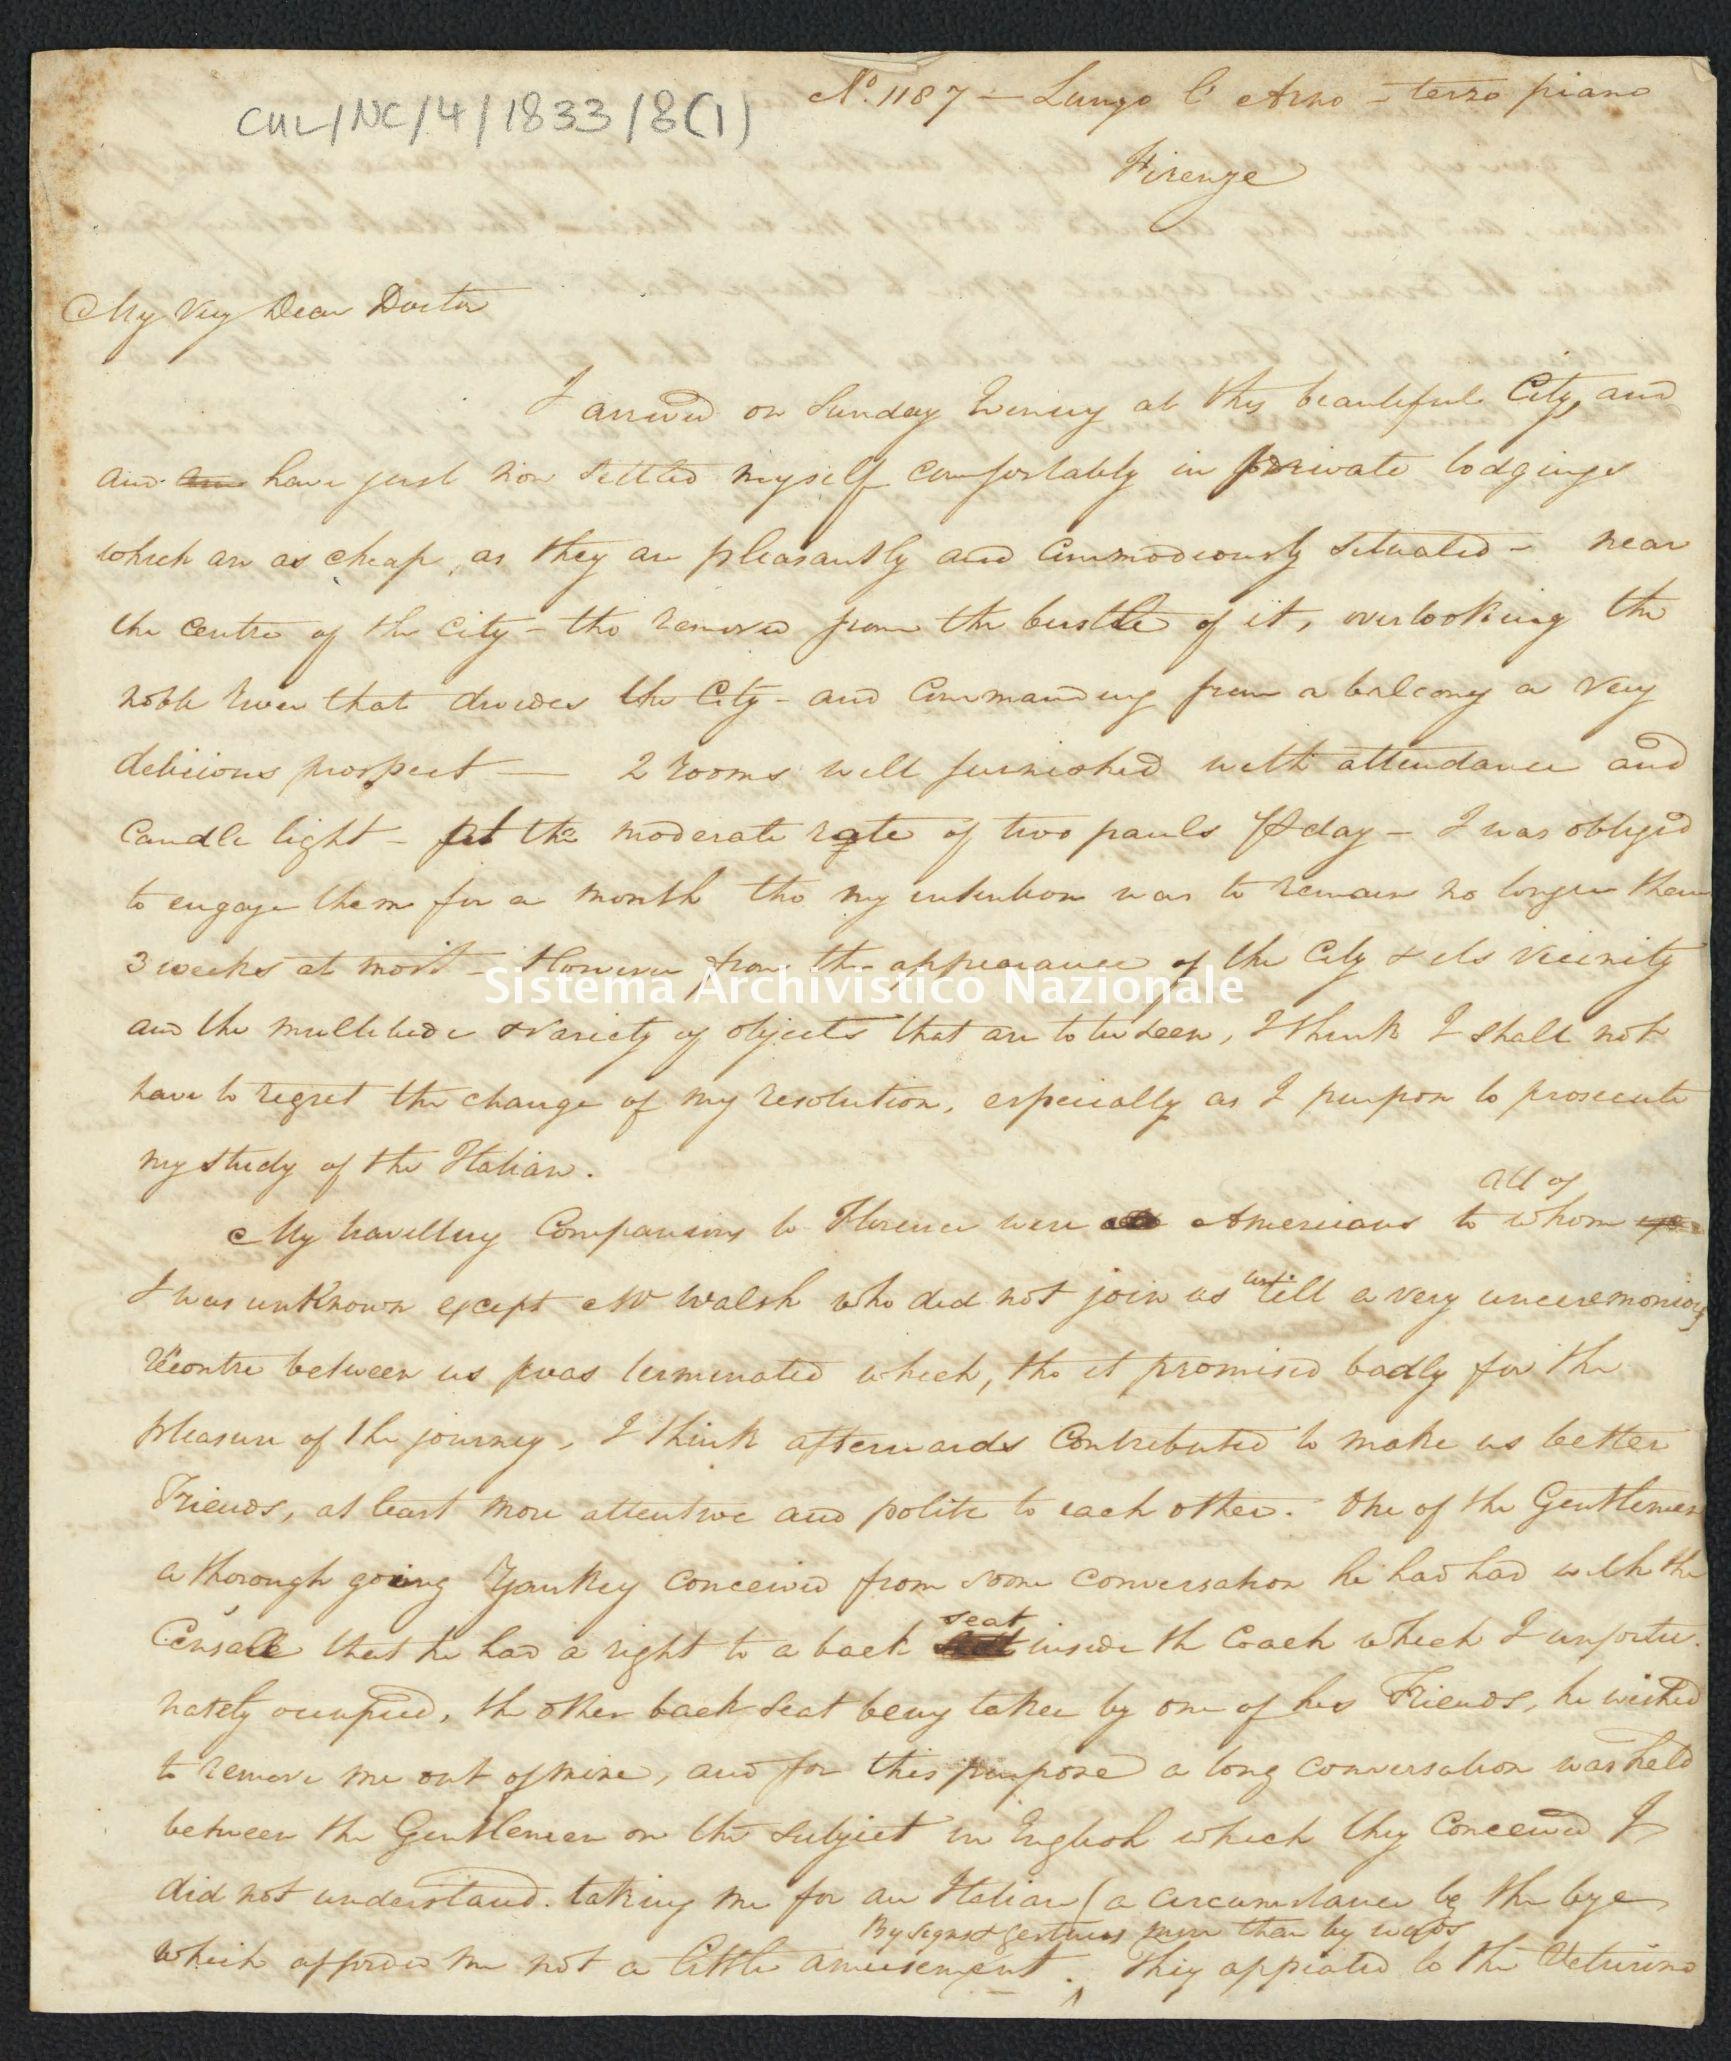 Pontificio Collegio Irlandese - CUL_NC_1833_8